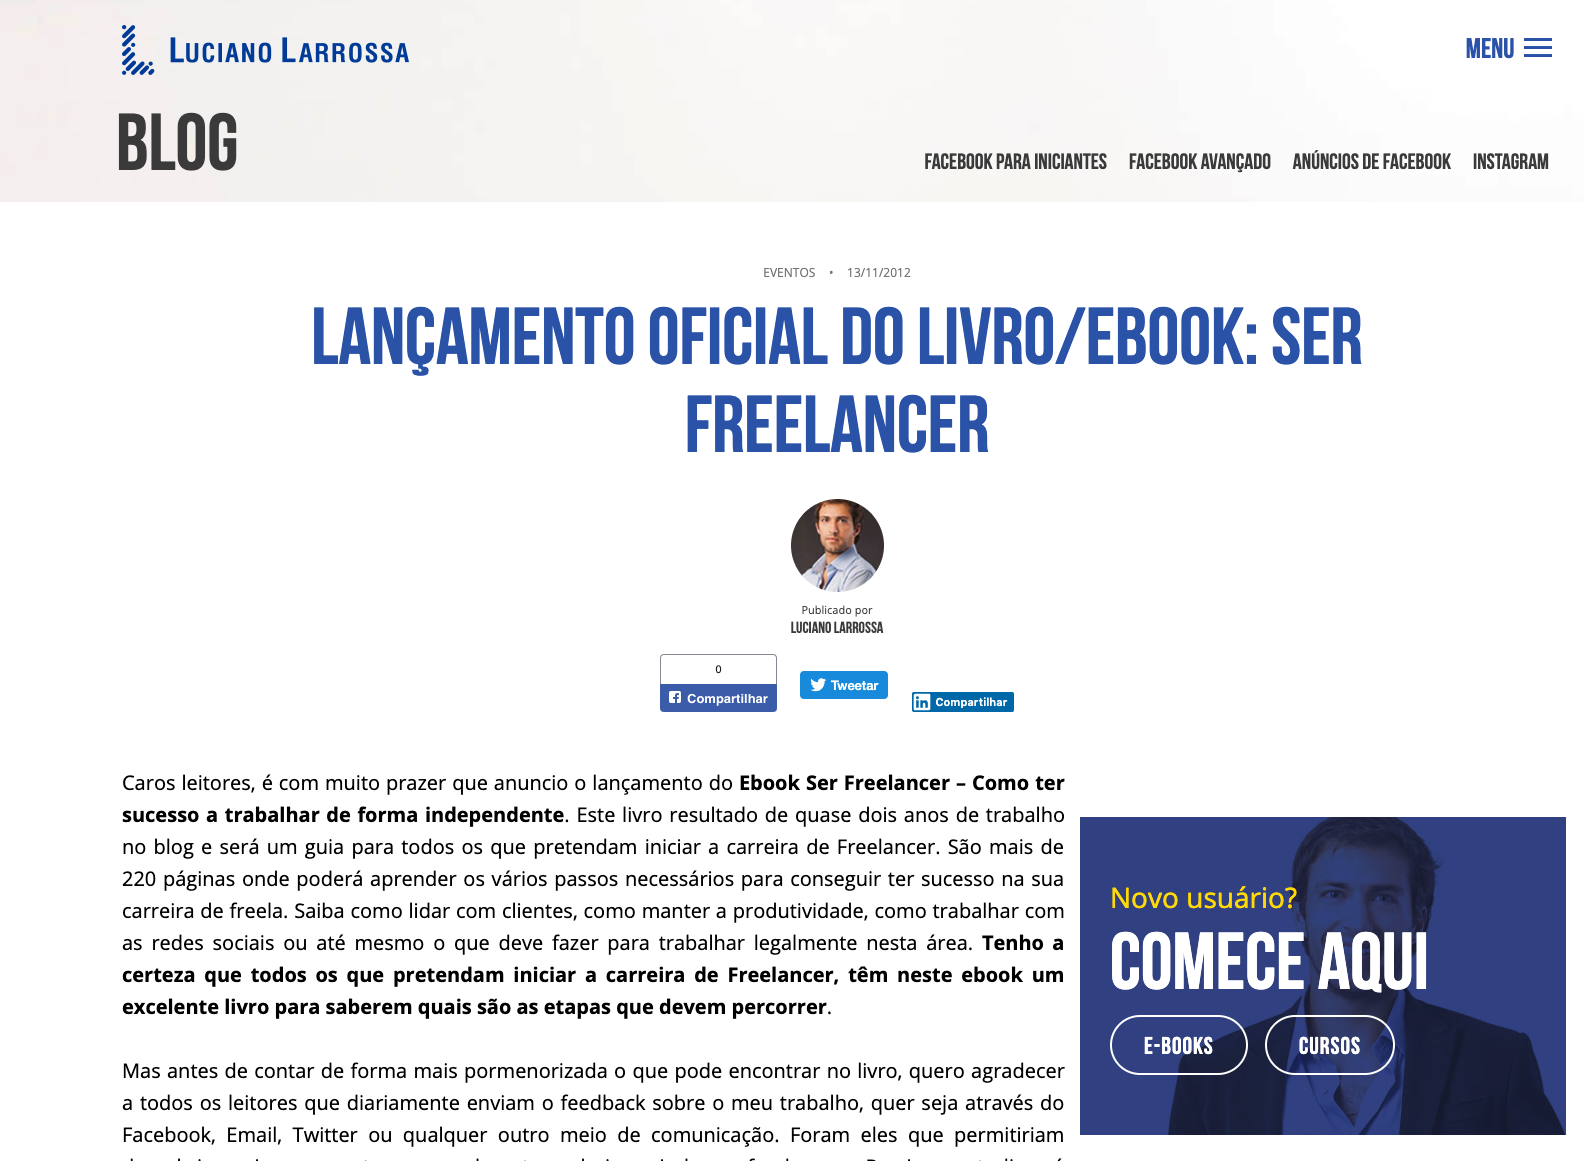 Lançamento do livro ser freelancer